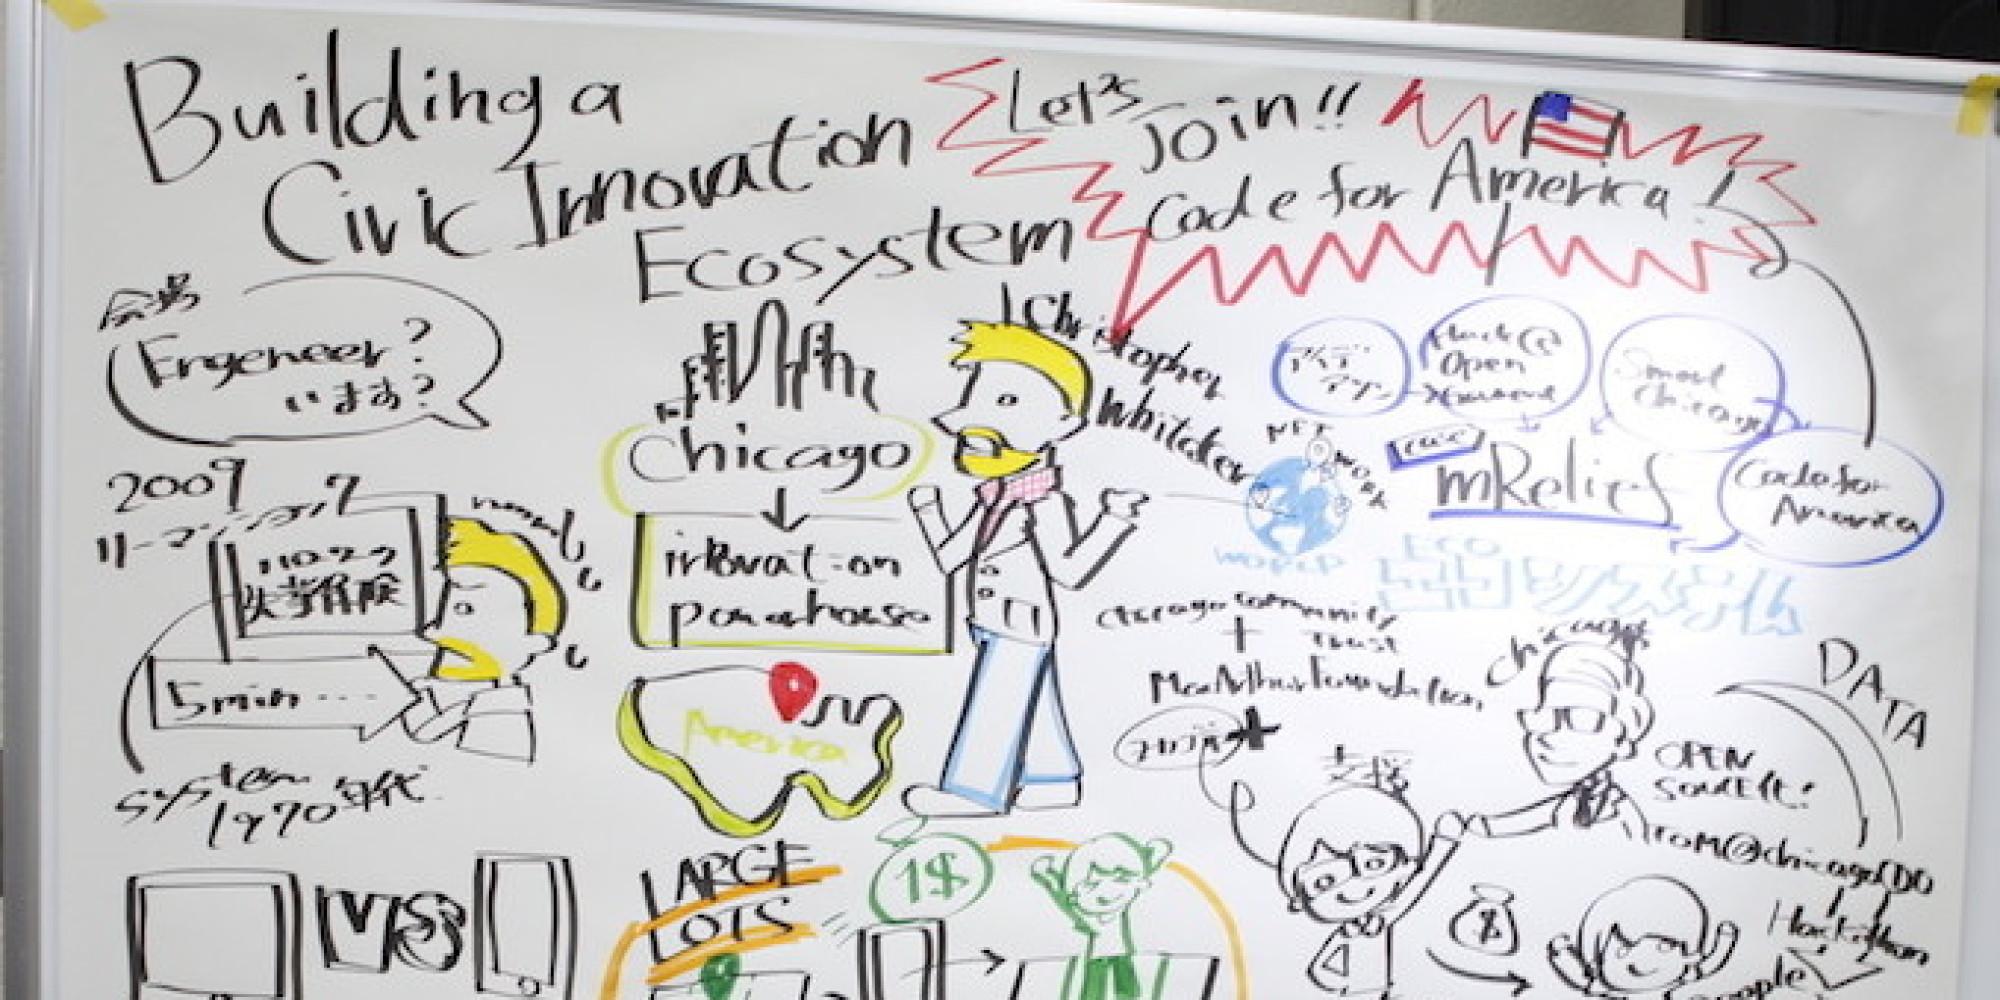 シビックイノベーションはどう起こしたかーーシカゴのシビックテック第一人者が語る